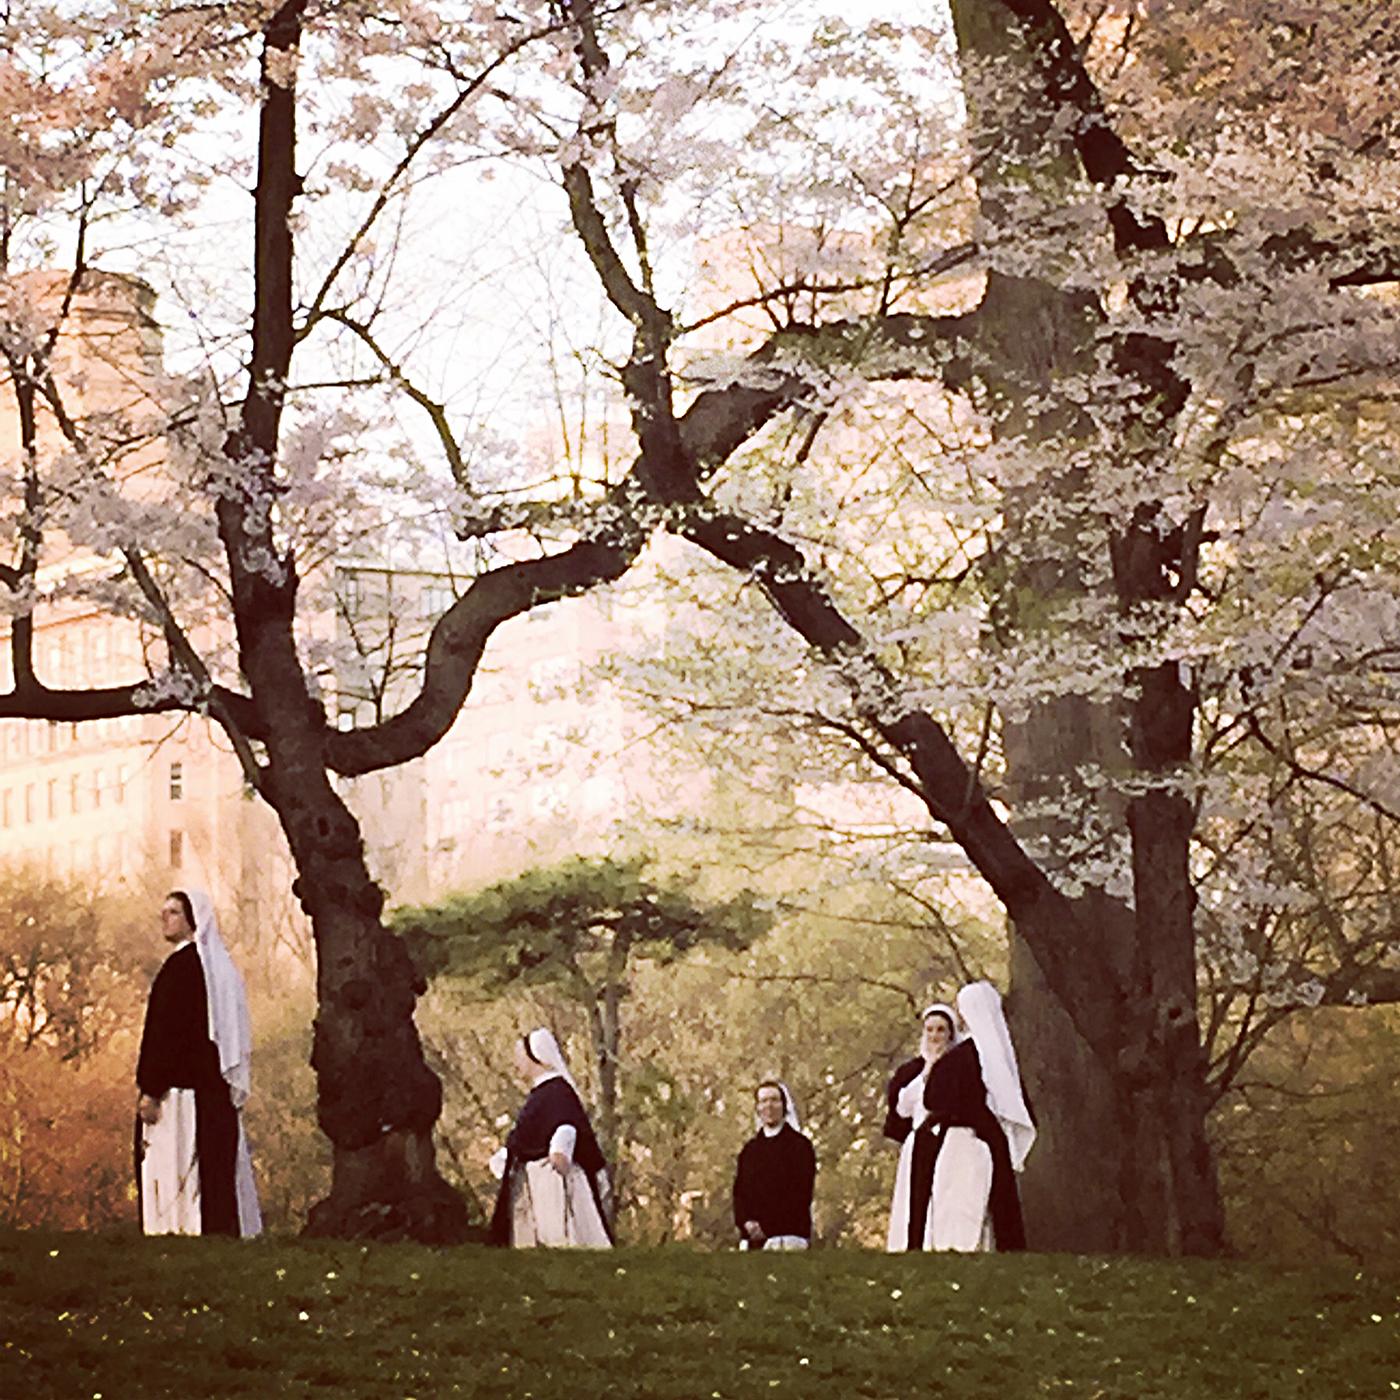 Nuns in central park_IMG_8227.jpg